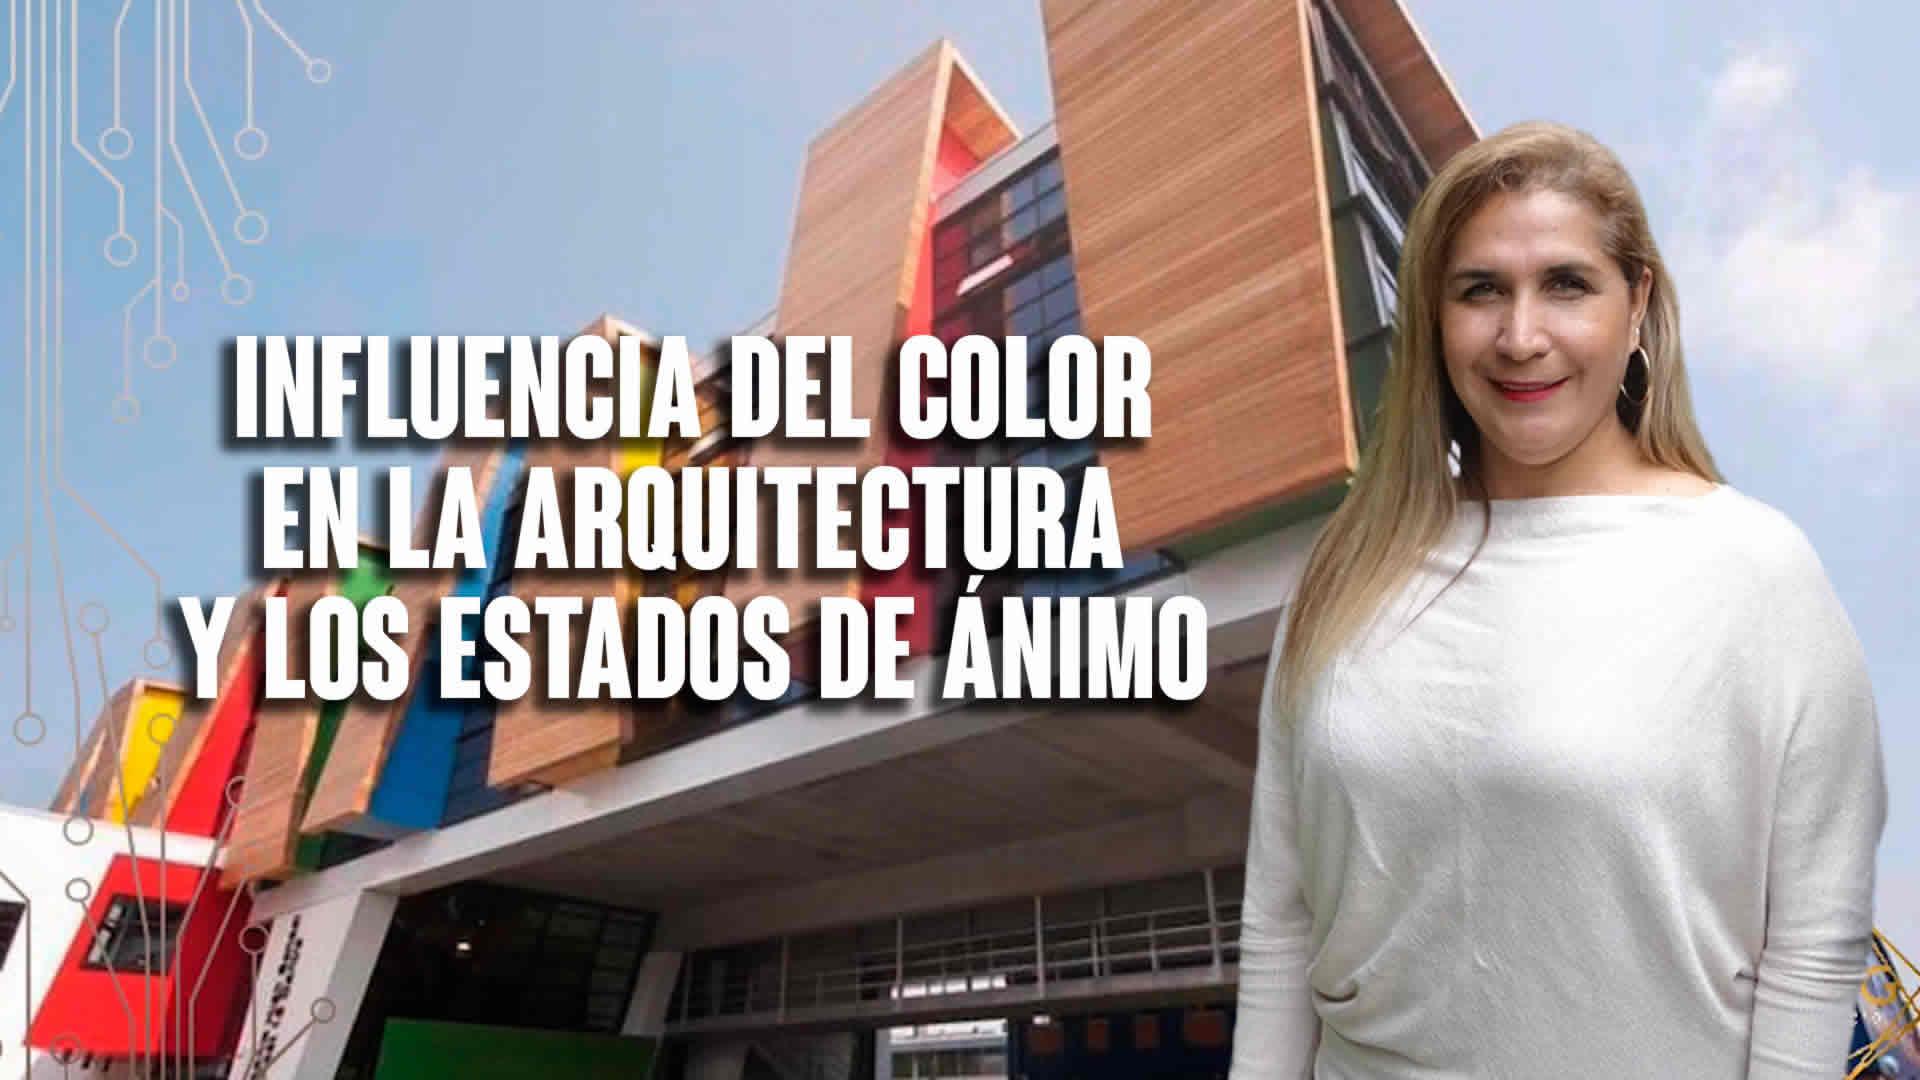 El color en la arquitectura y los estados de ánimo